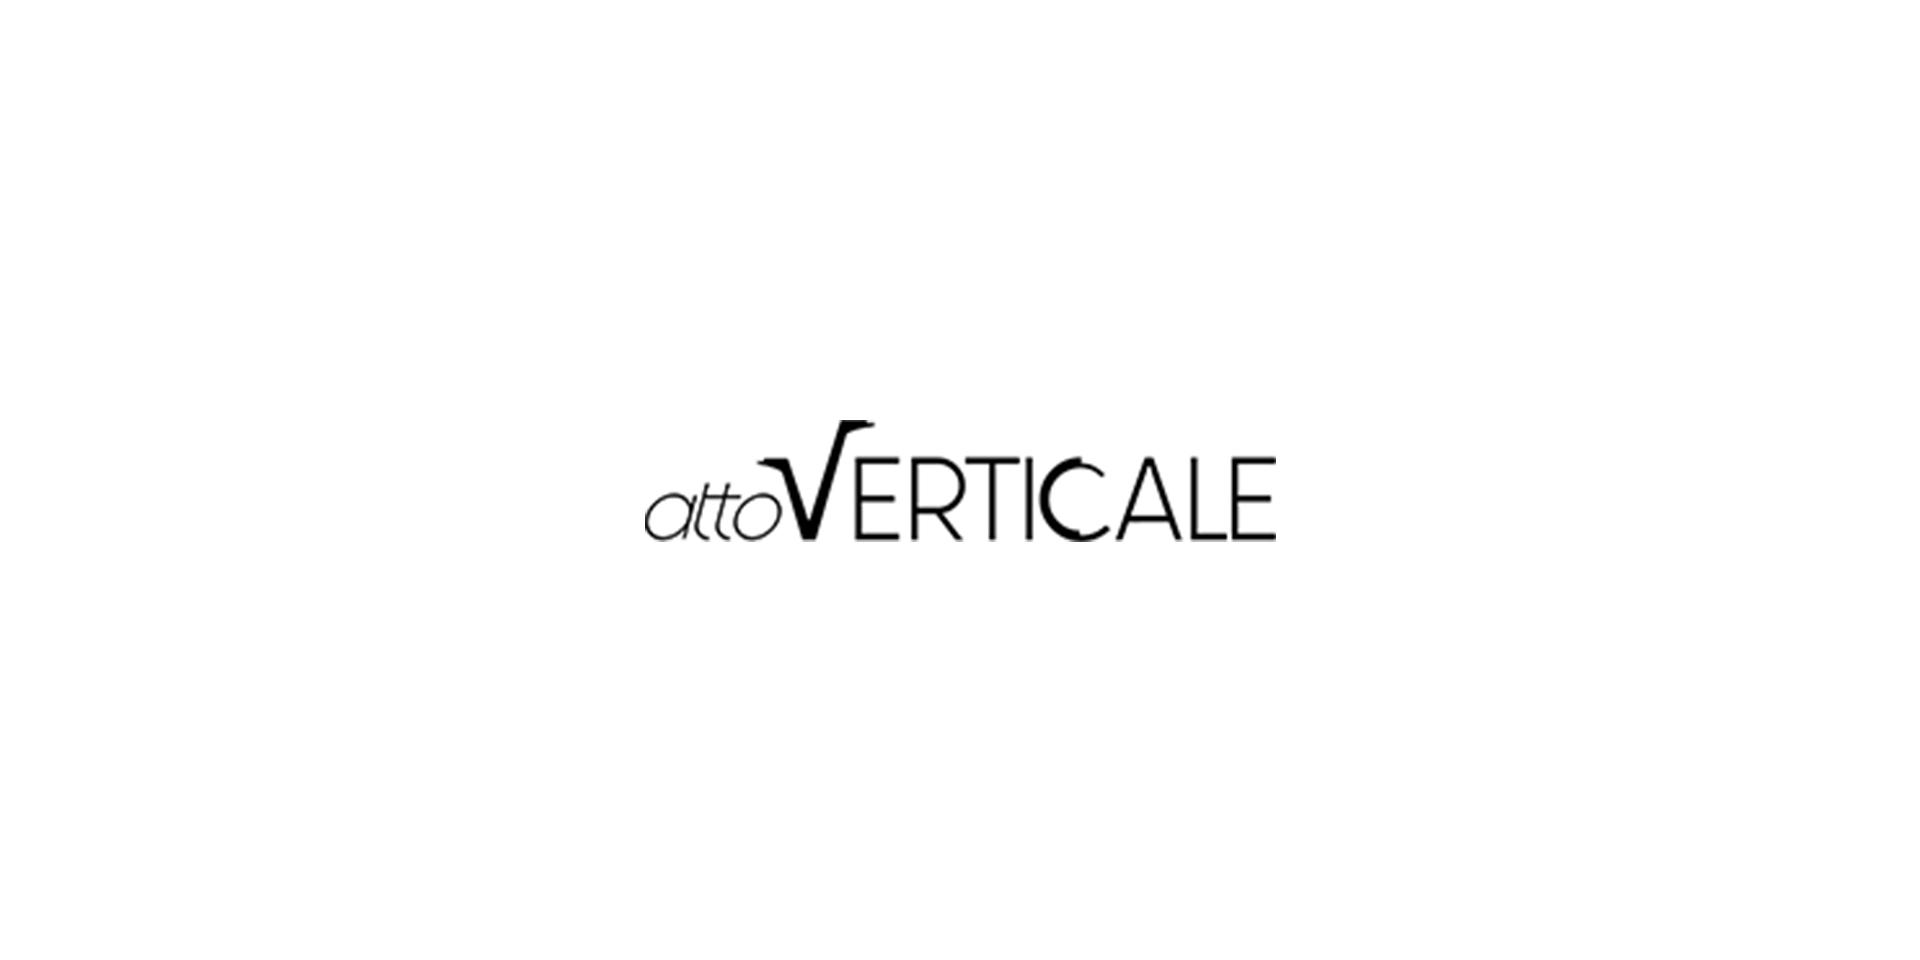 Atto verticale logo